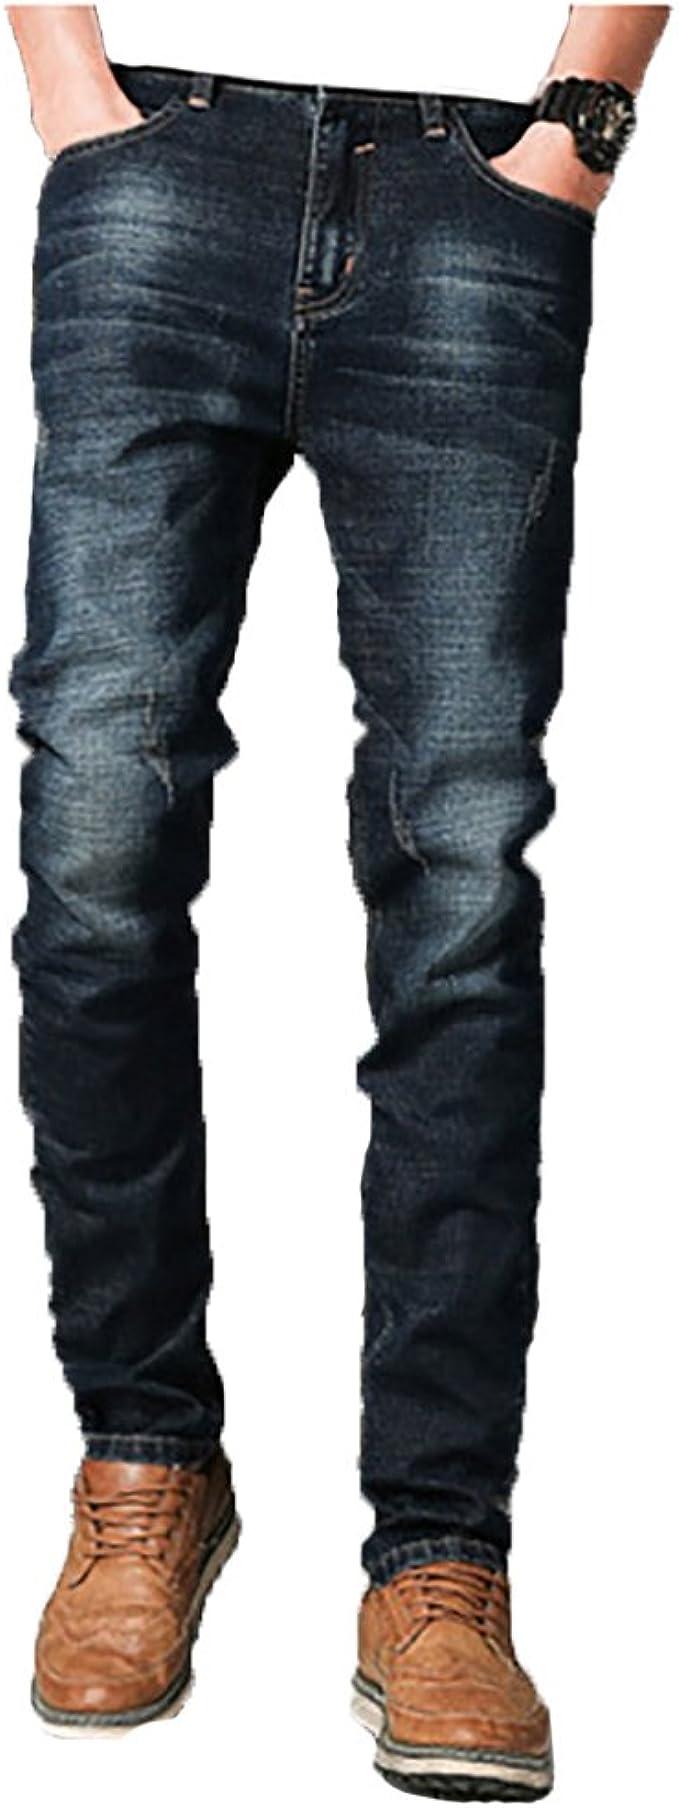 Williamジーンズメンズスキニージーパンズボン大きいサイズストレッチデニムパンツストレートストレートシリーズストレートジーパンロングパンツ春夏秋冬人気ブランドパンツジーパンジーンズデニム美脚細身標準薄手